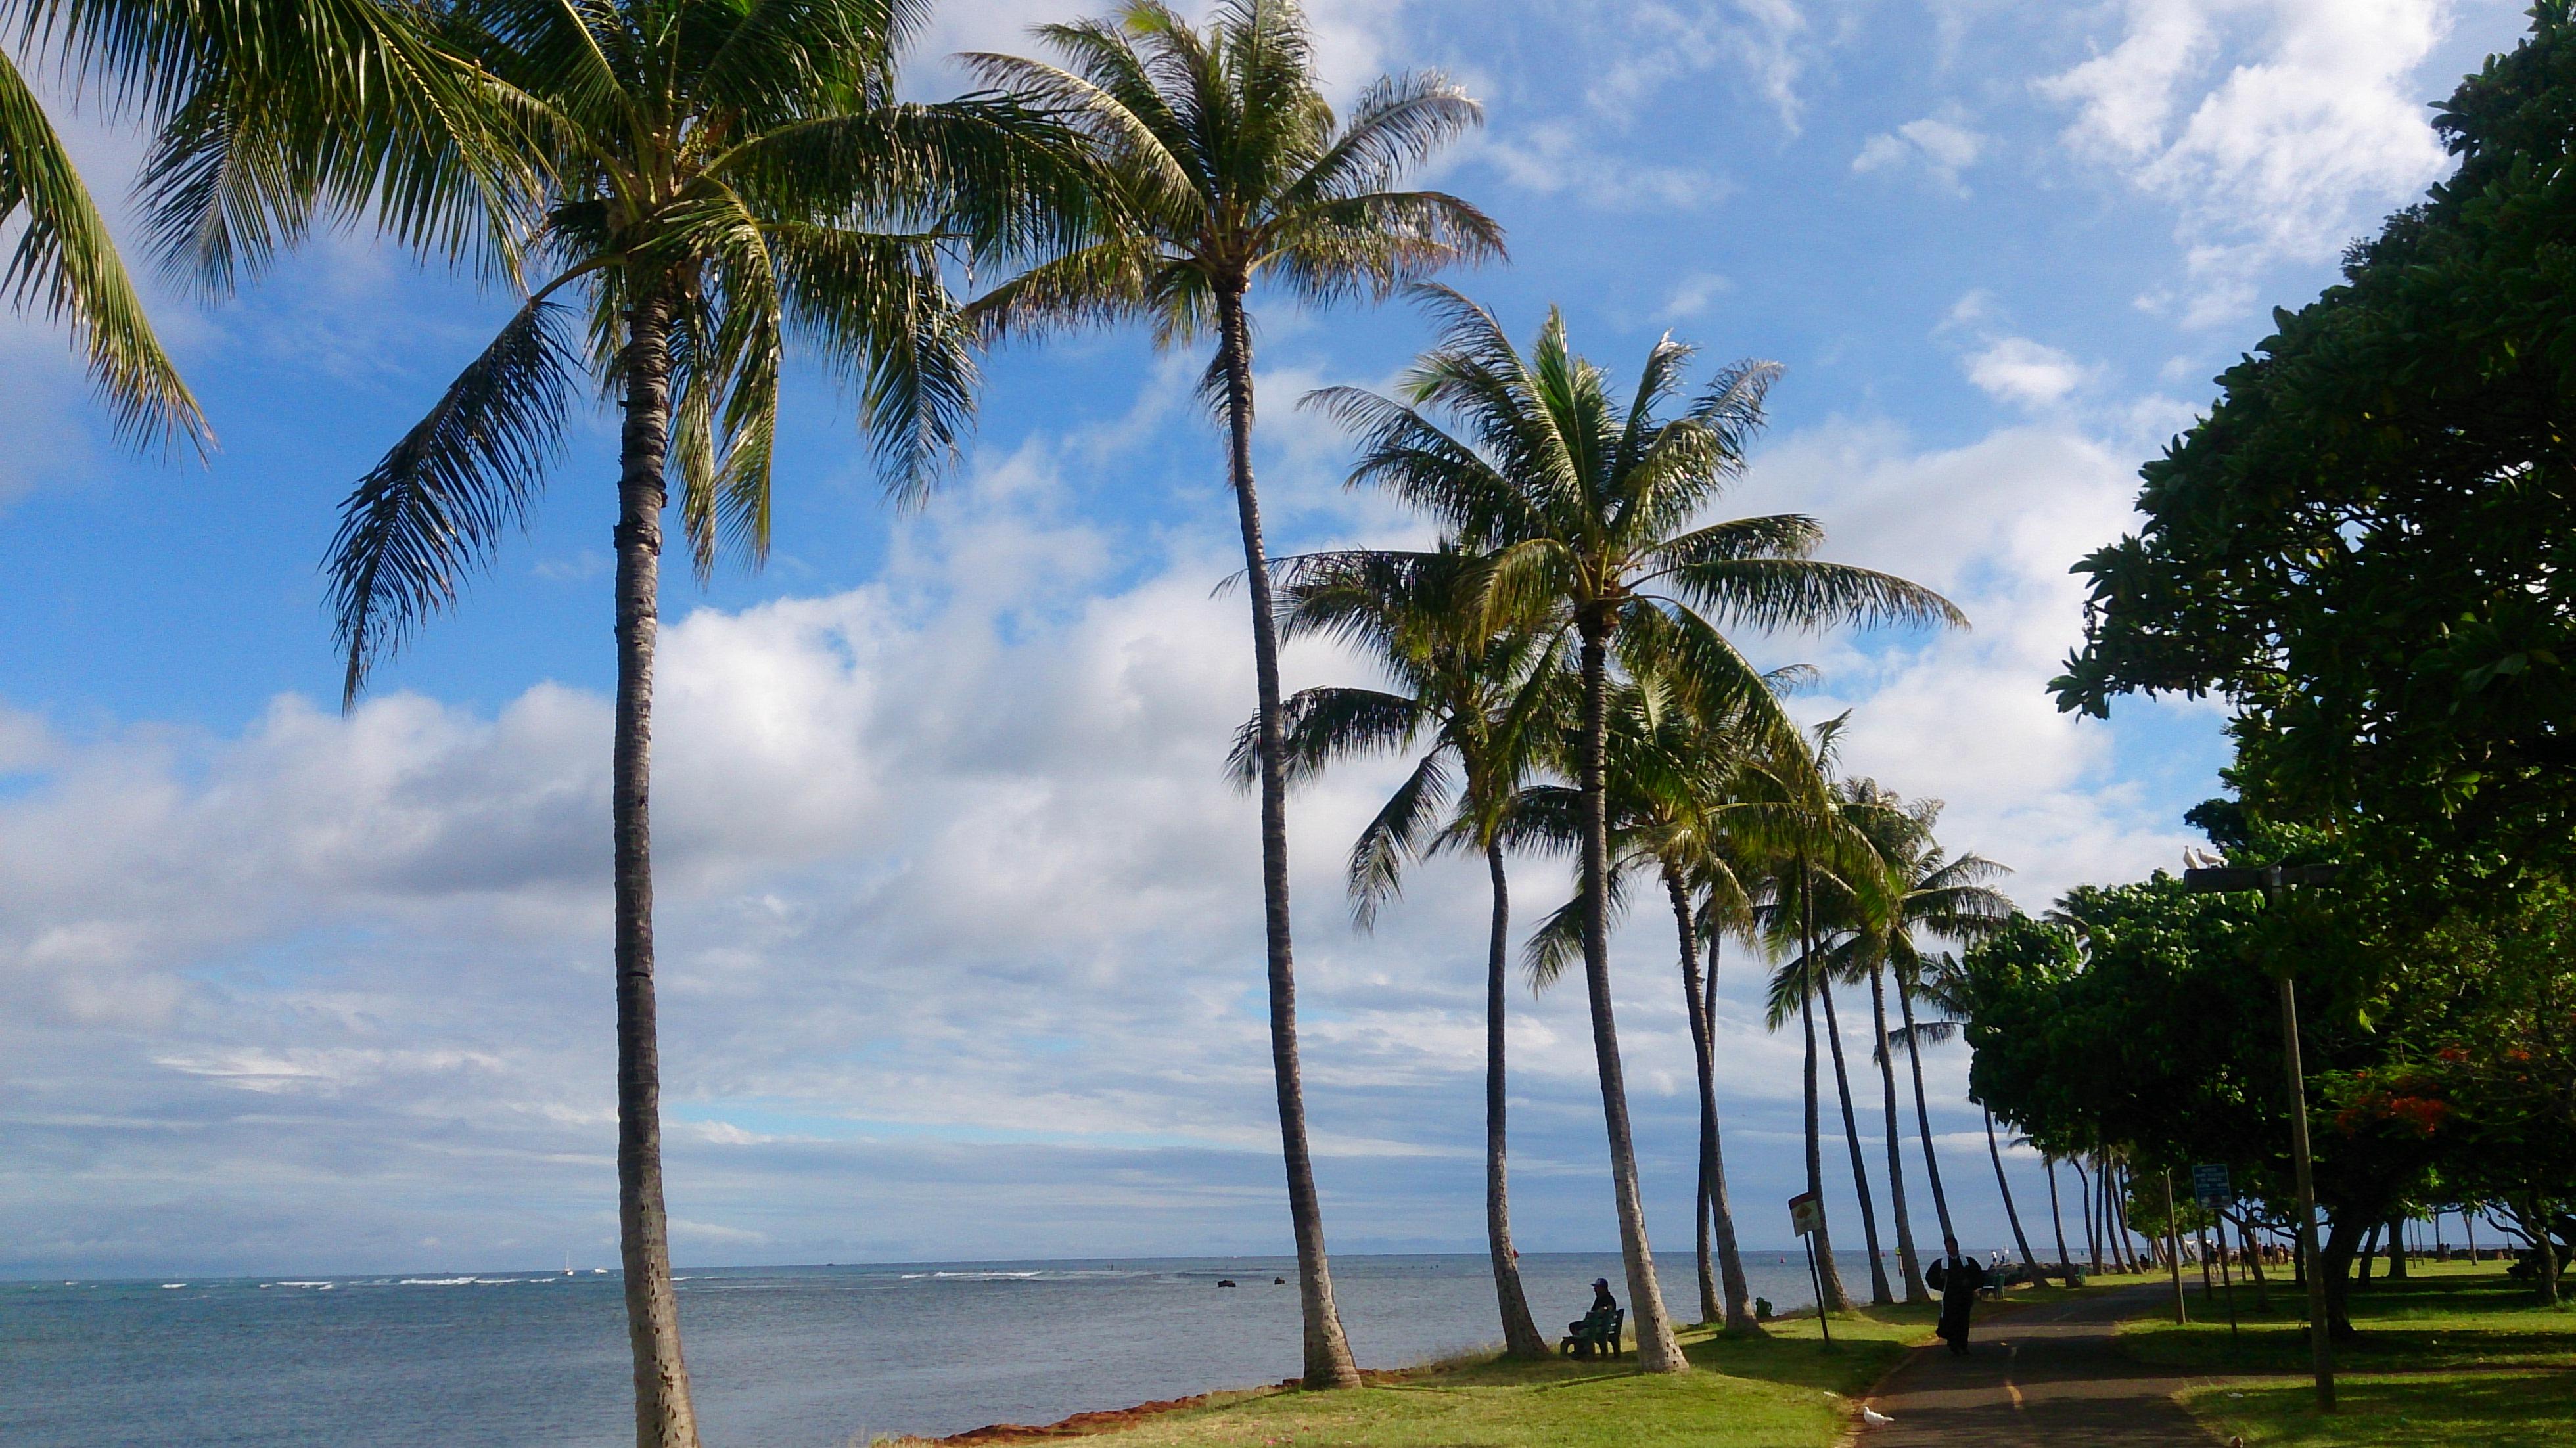 ハワイヤシの木